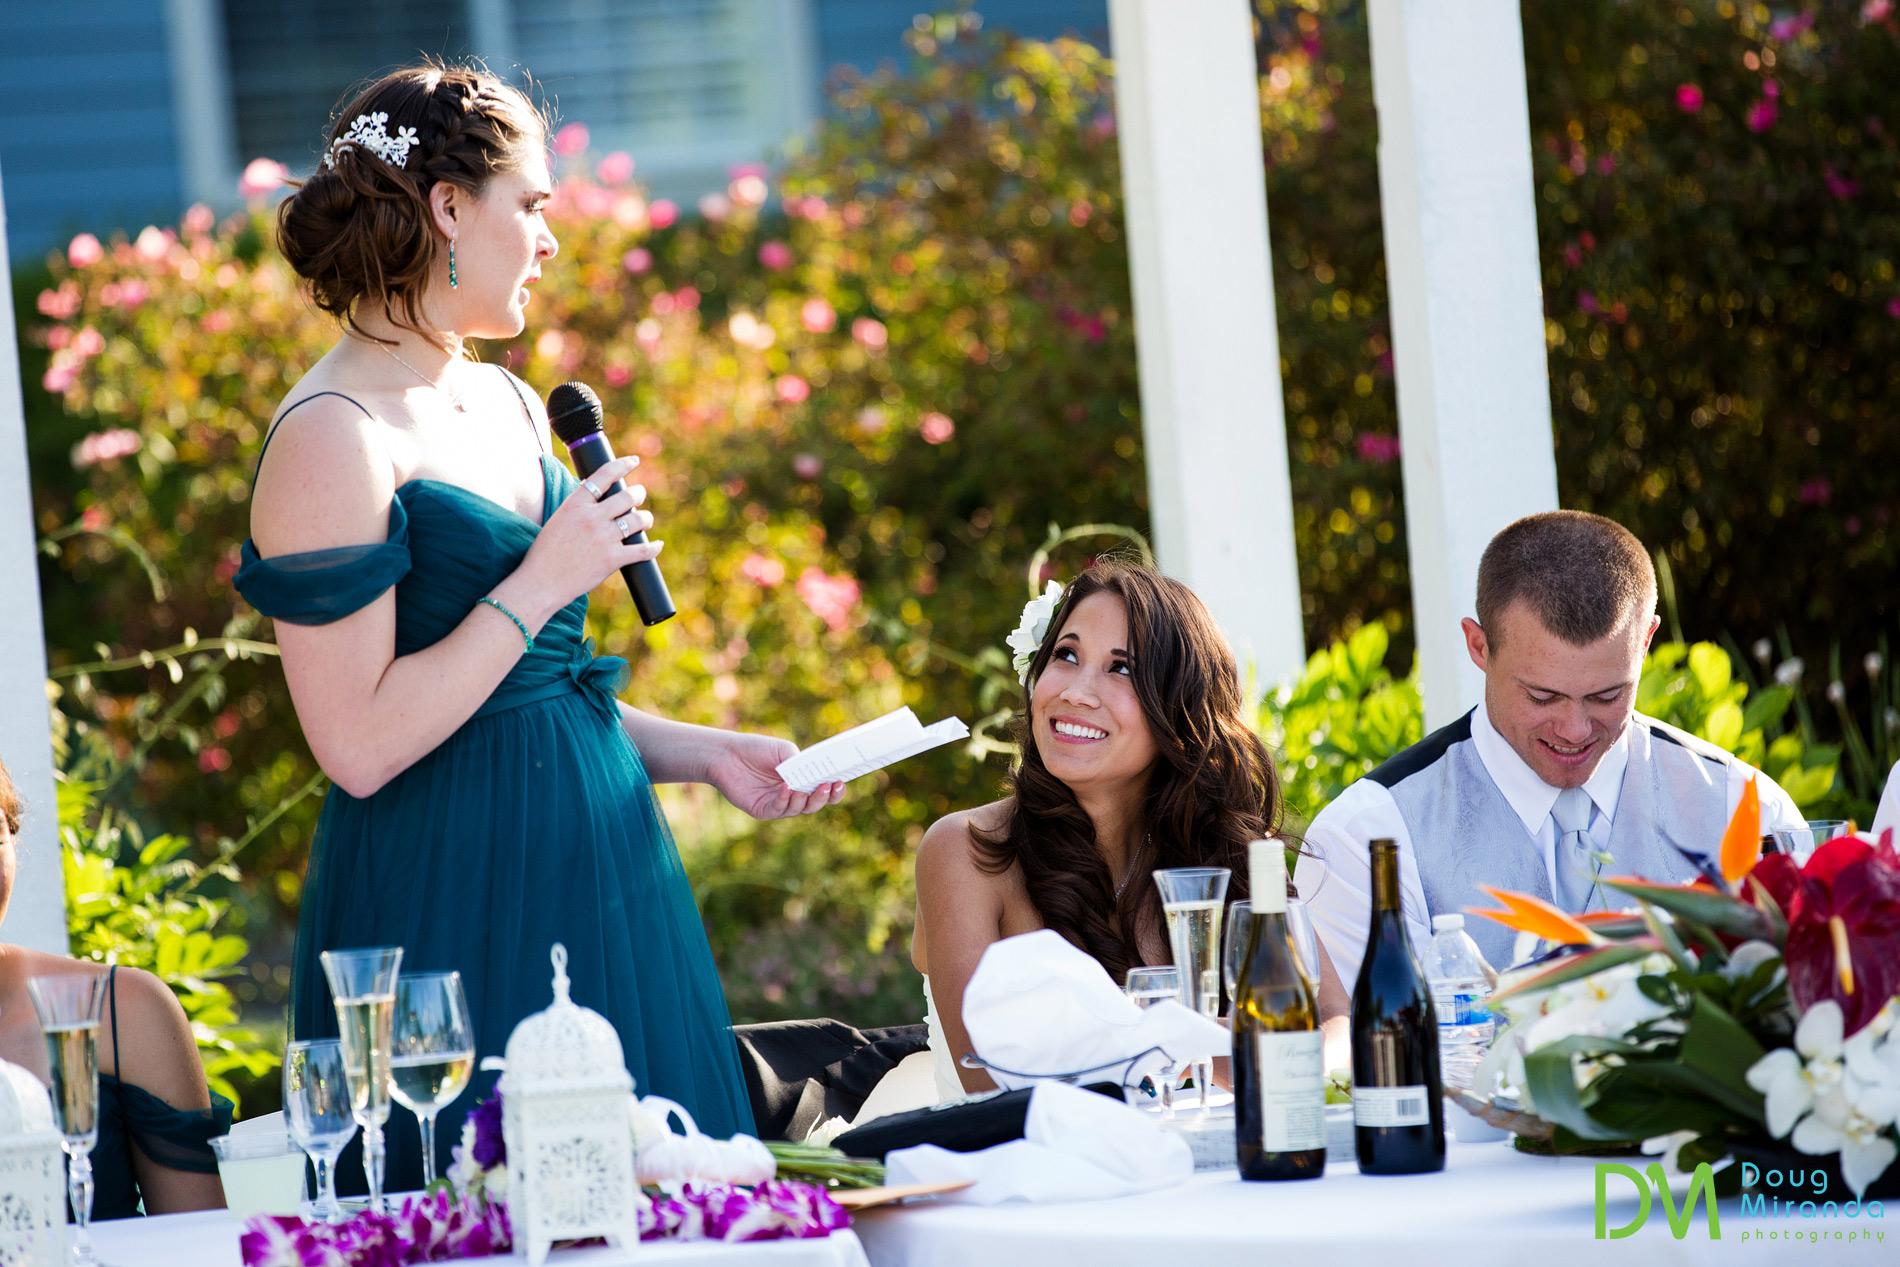 geyserville inn wedding reception